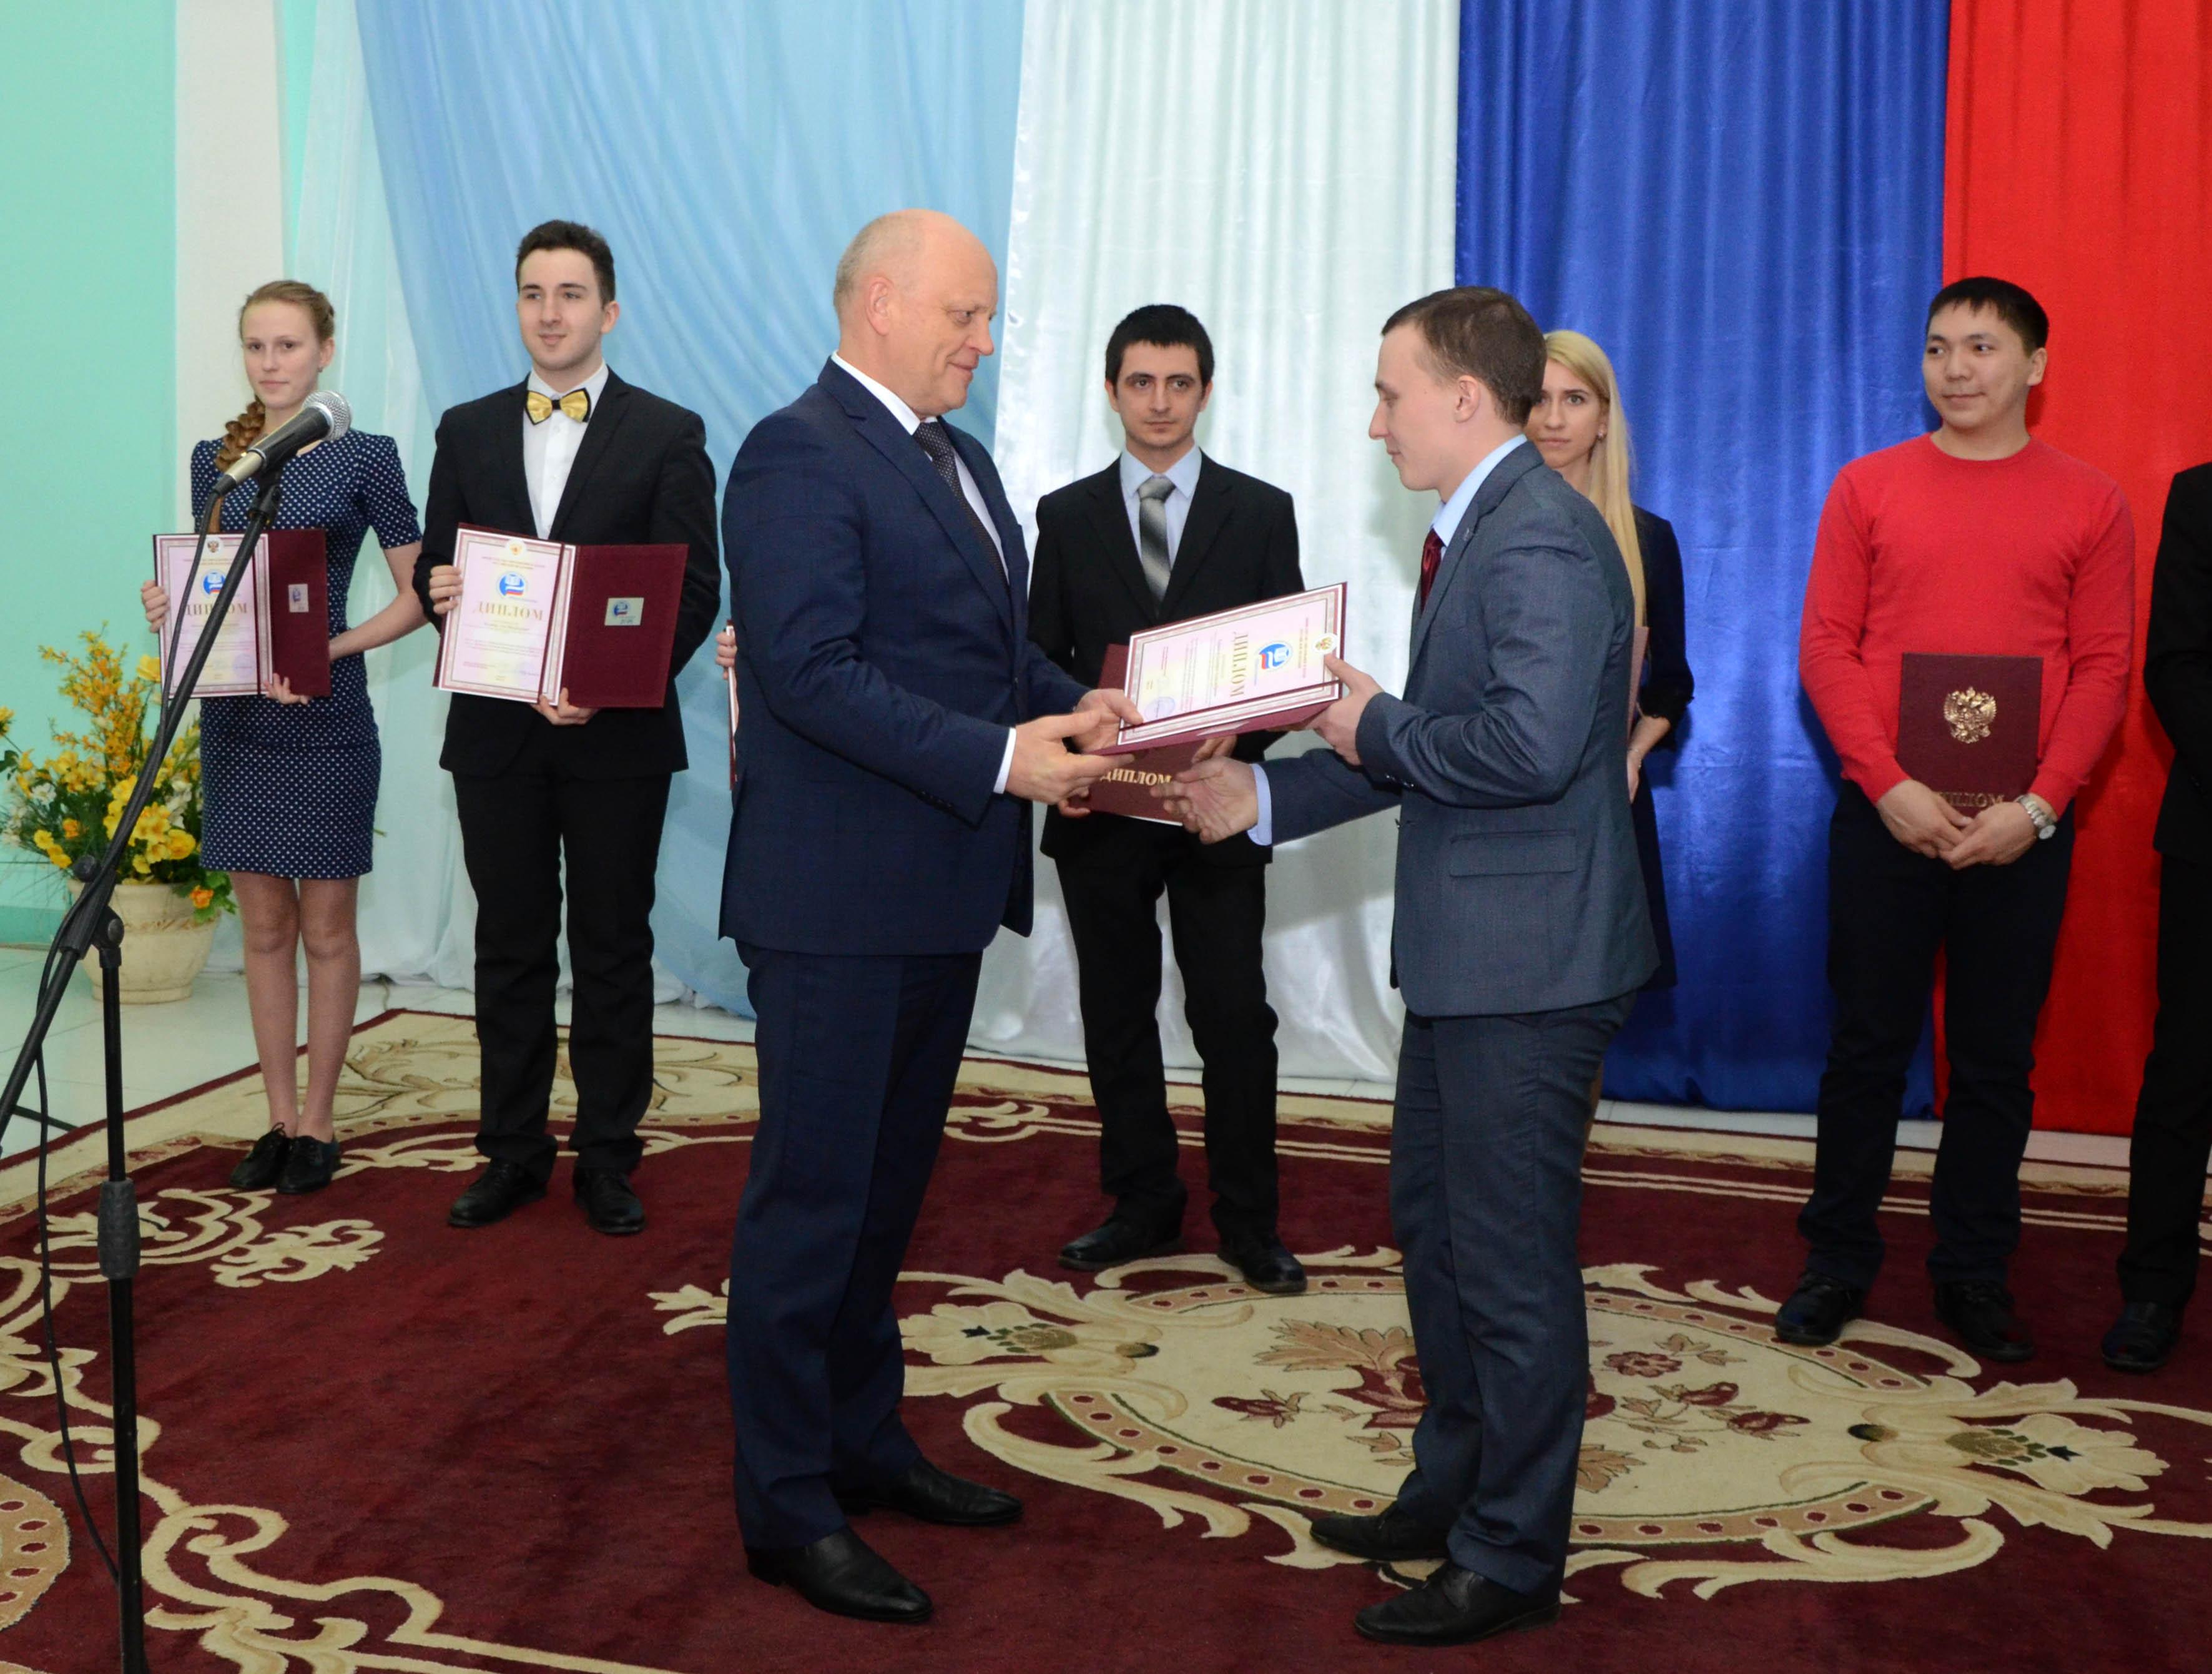 Омская студентка получила премию президента Российской Федерации зафото котов